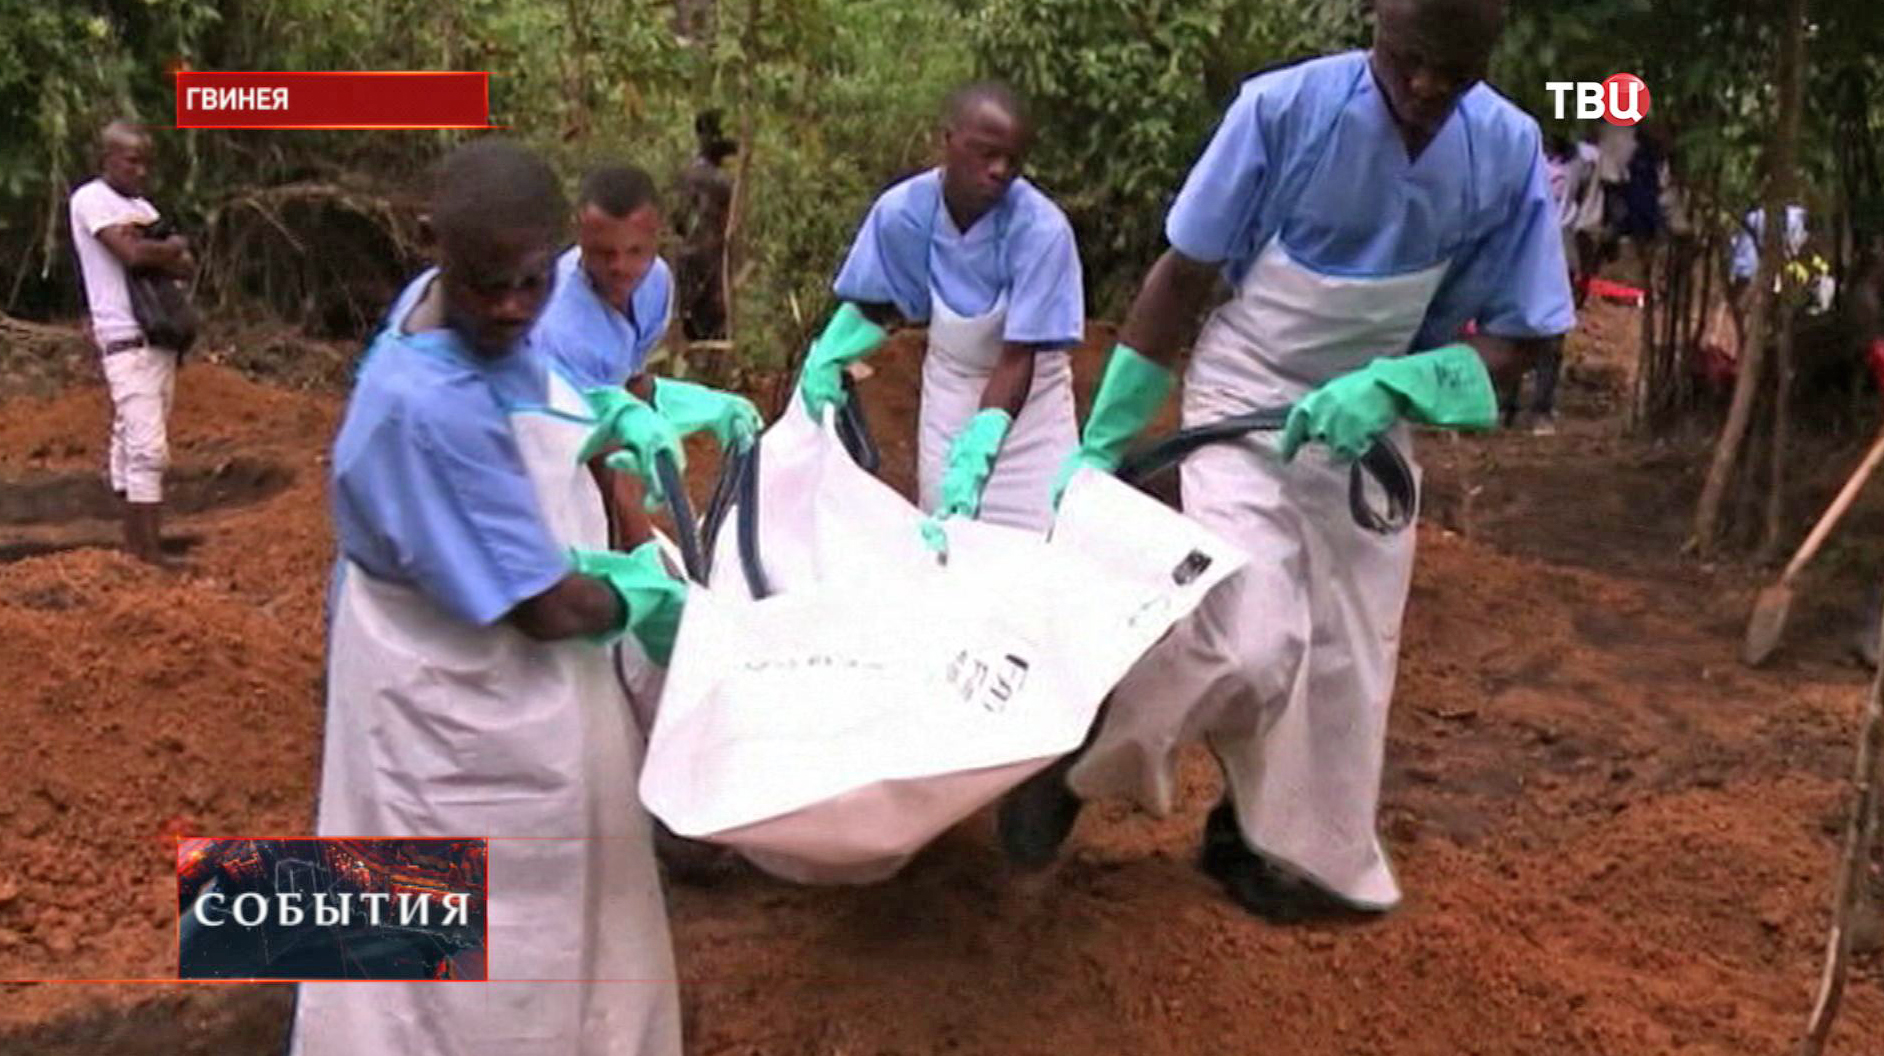 Заболевший лихорадкой Эбола в Гвинее